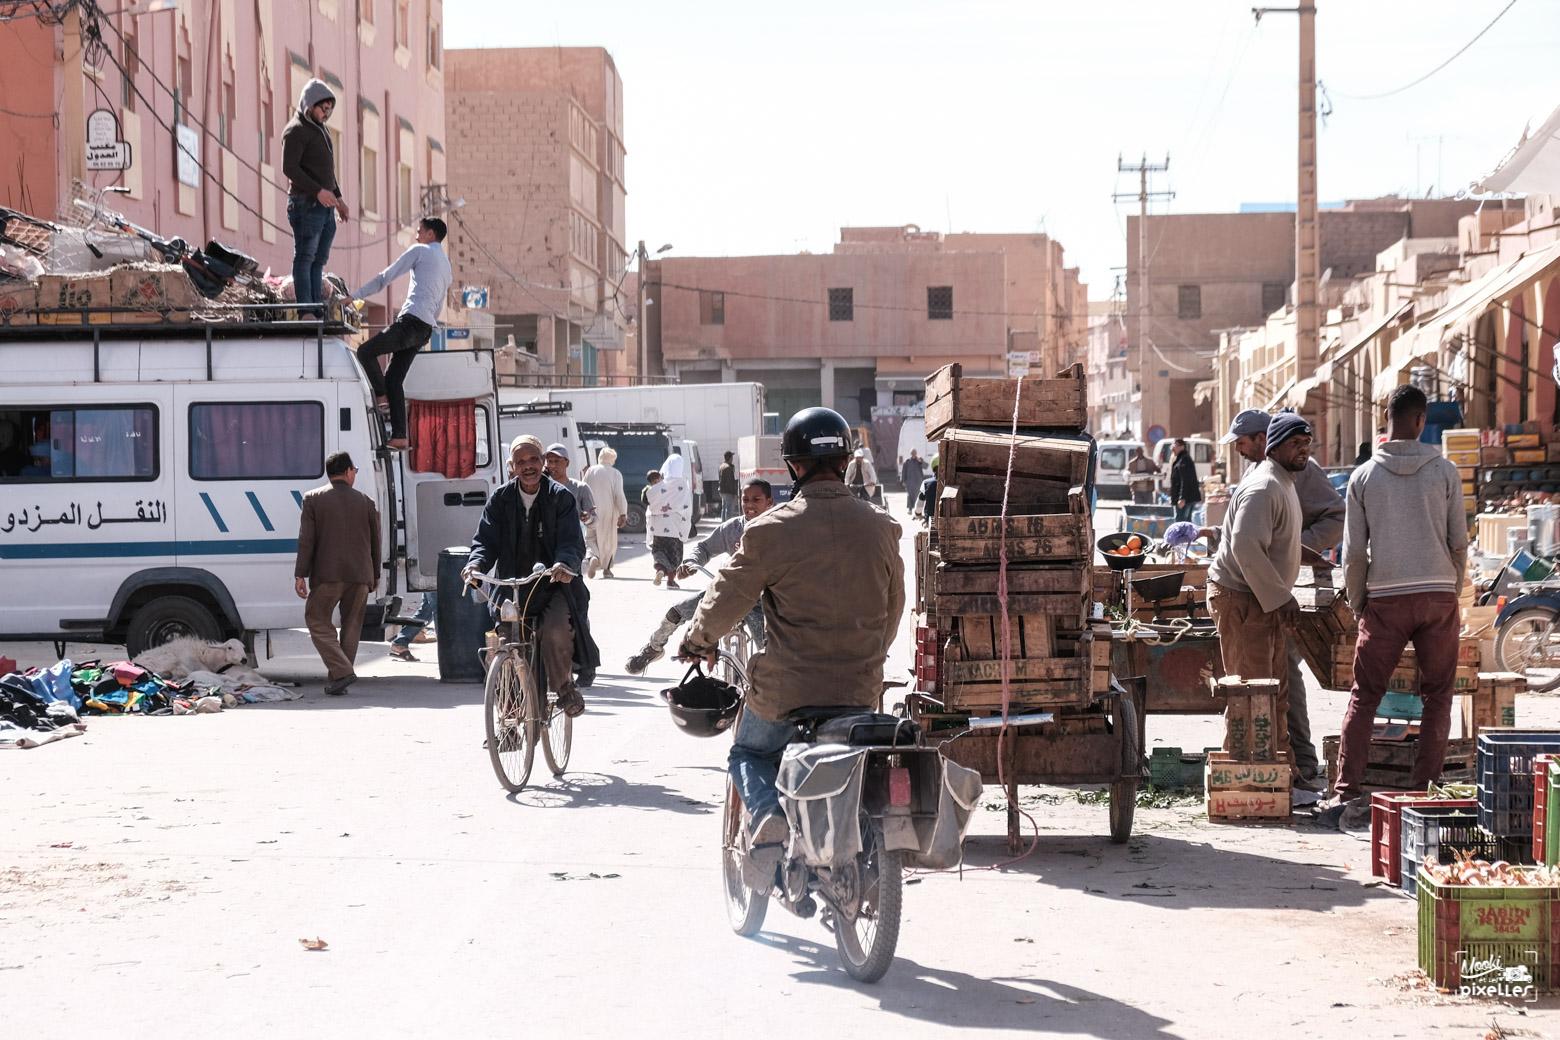 braucoup d'activité dans la rue à Risani